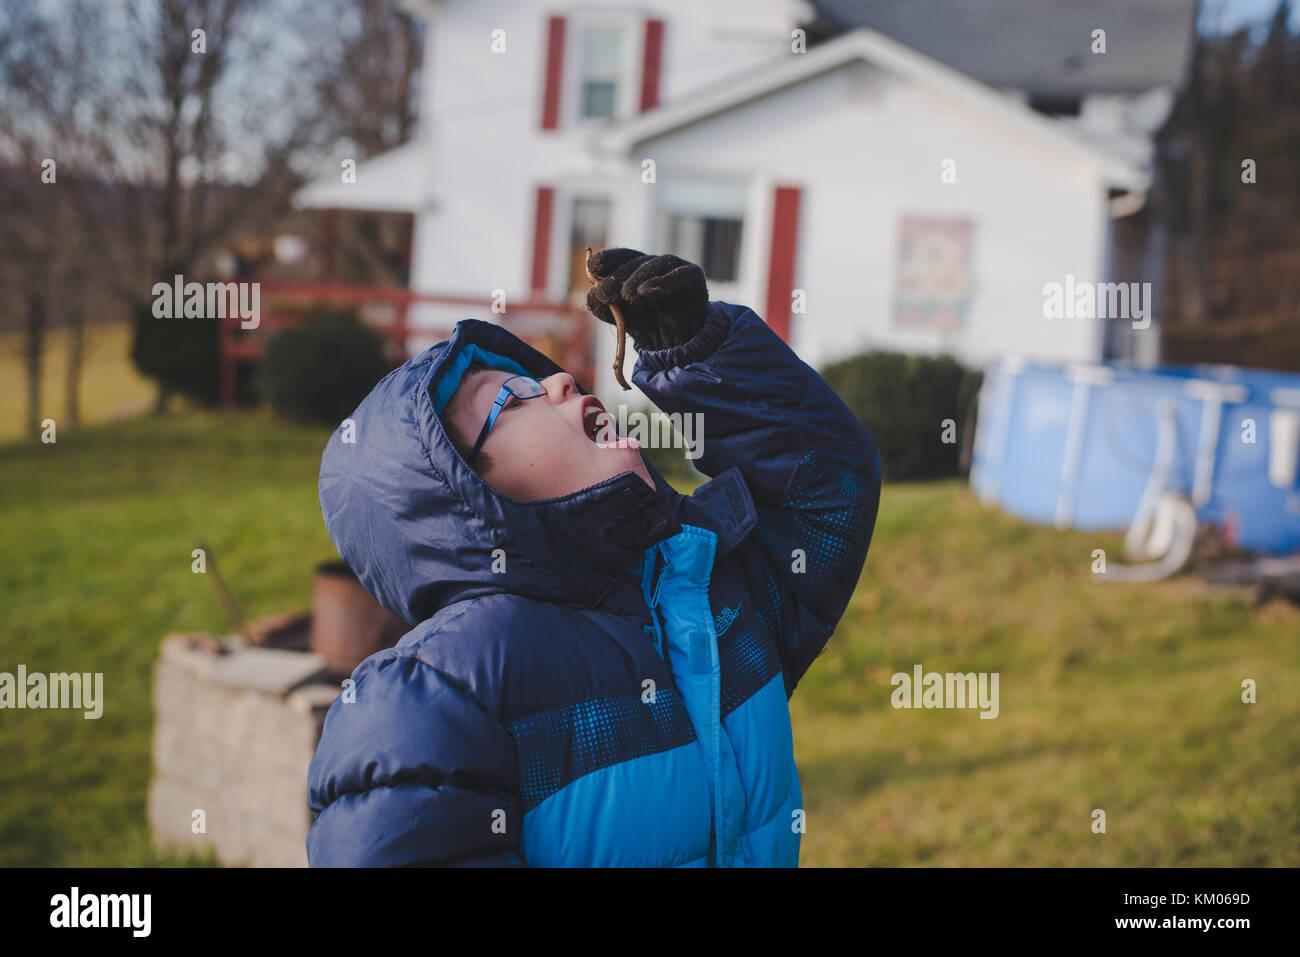 Ein Junge, der vorgibt, ein Wurm zu essen. Stockbild